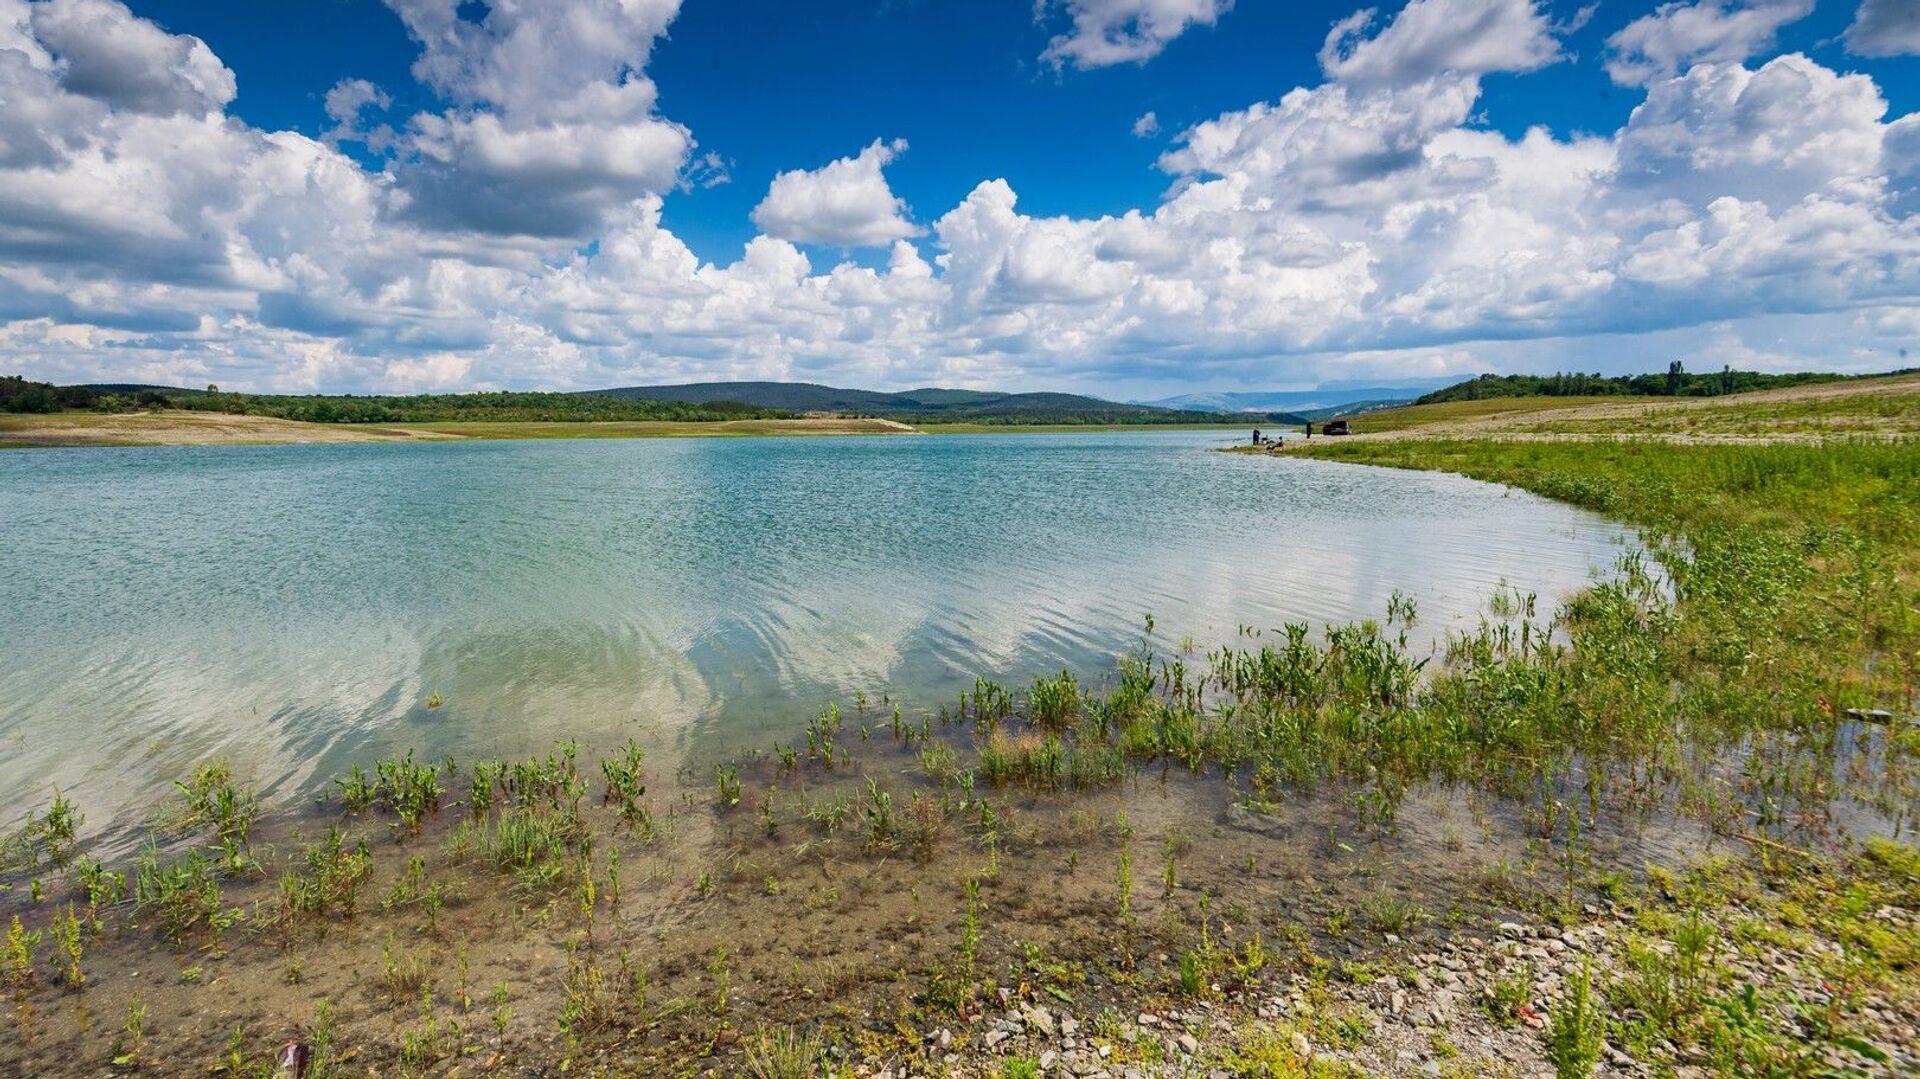 Симферопольское водохранилище - РИА Новости, 1920, 19.09.2021